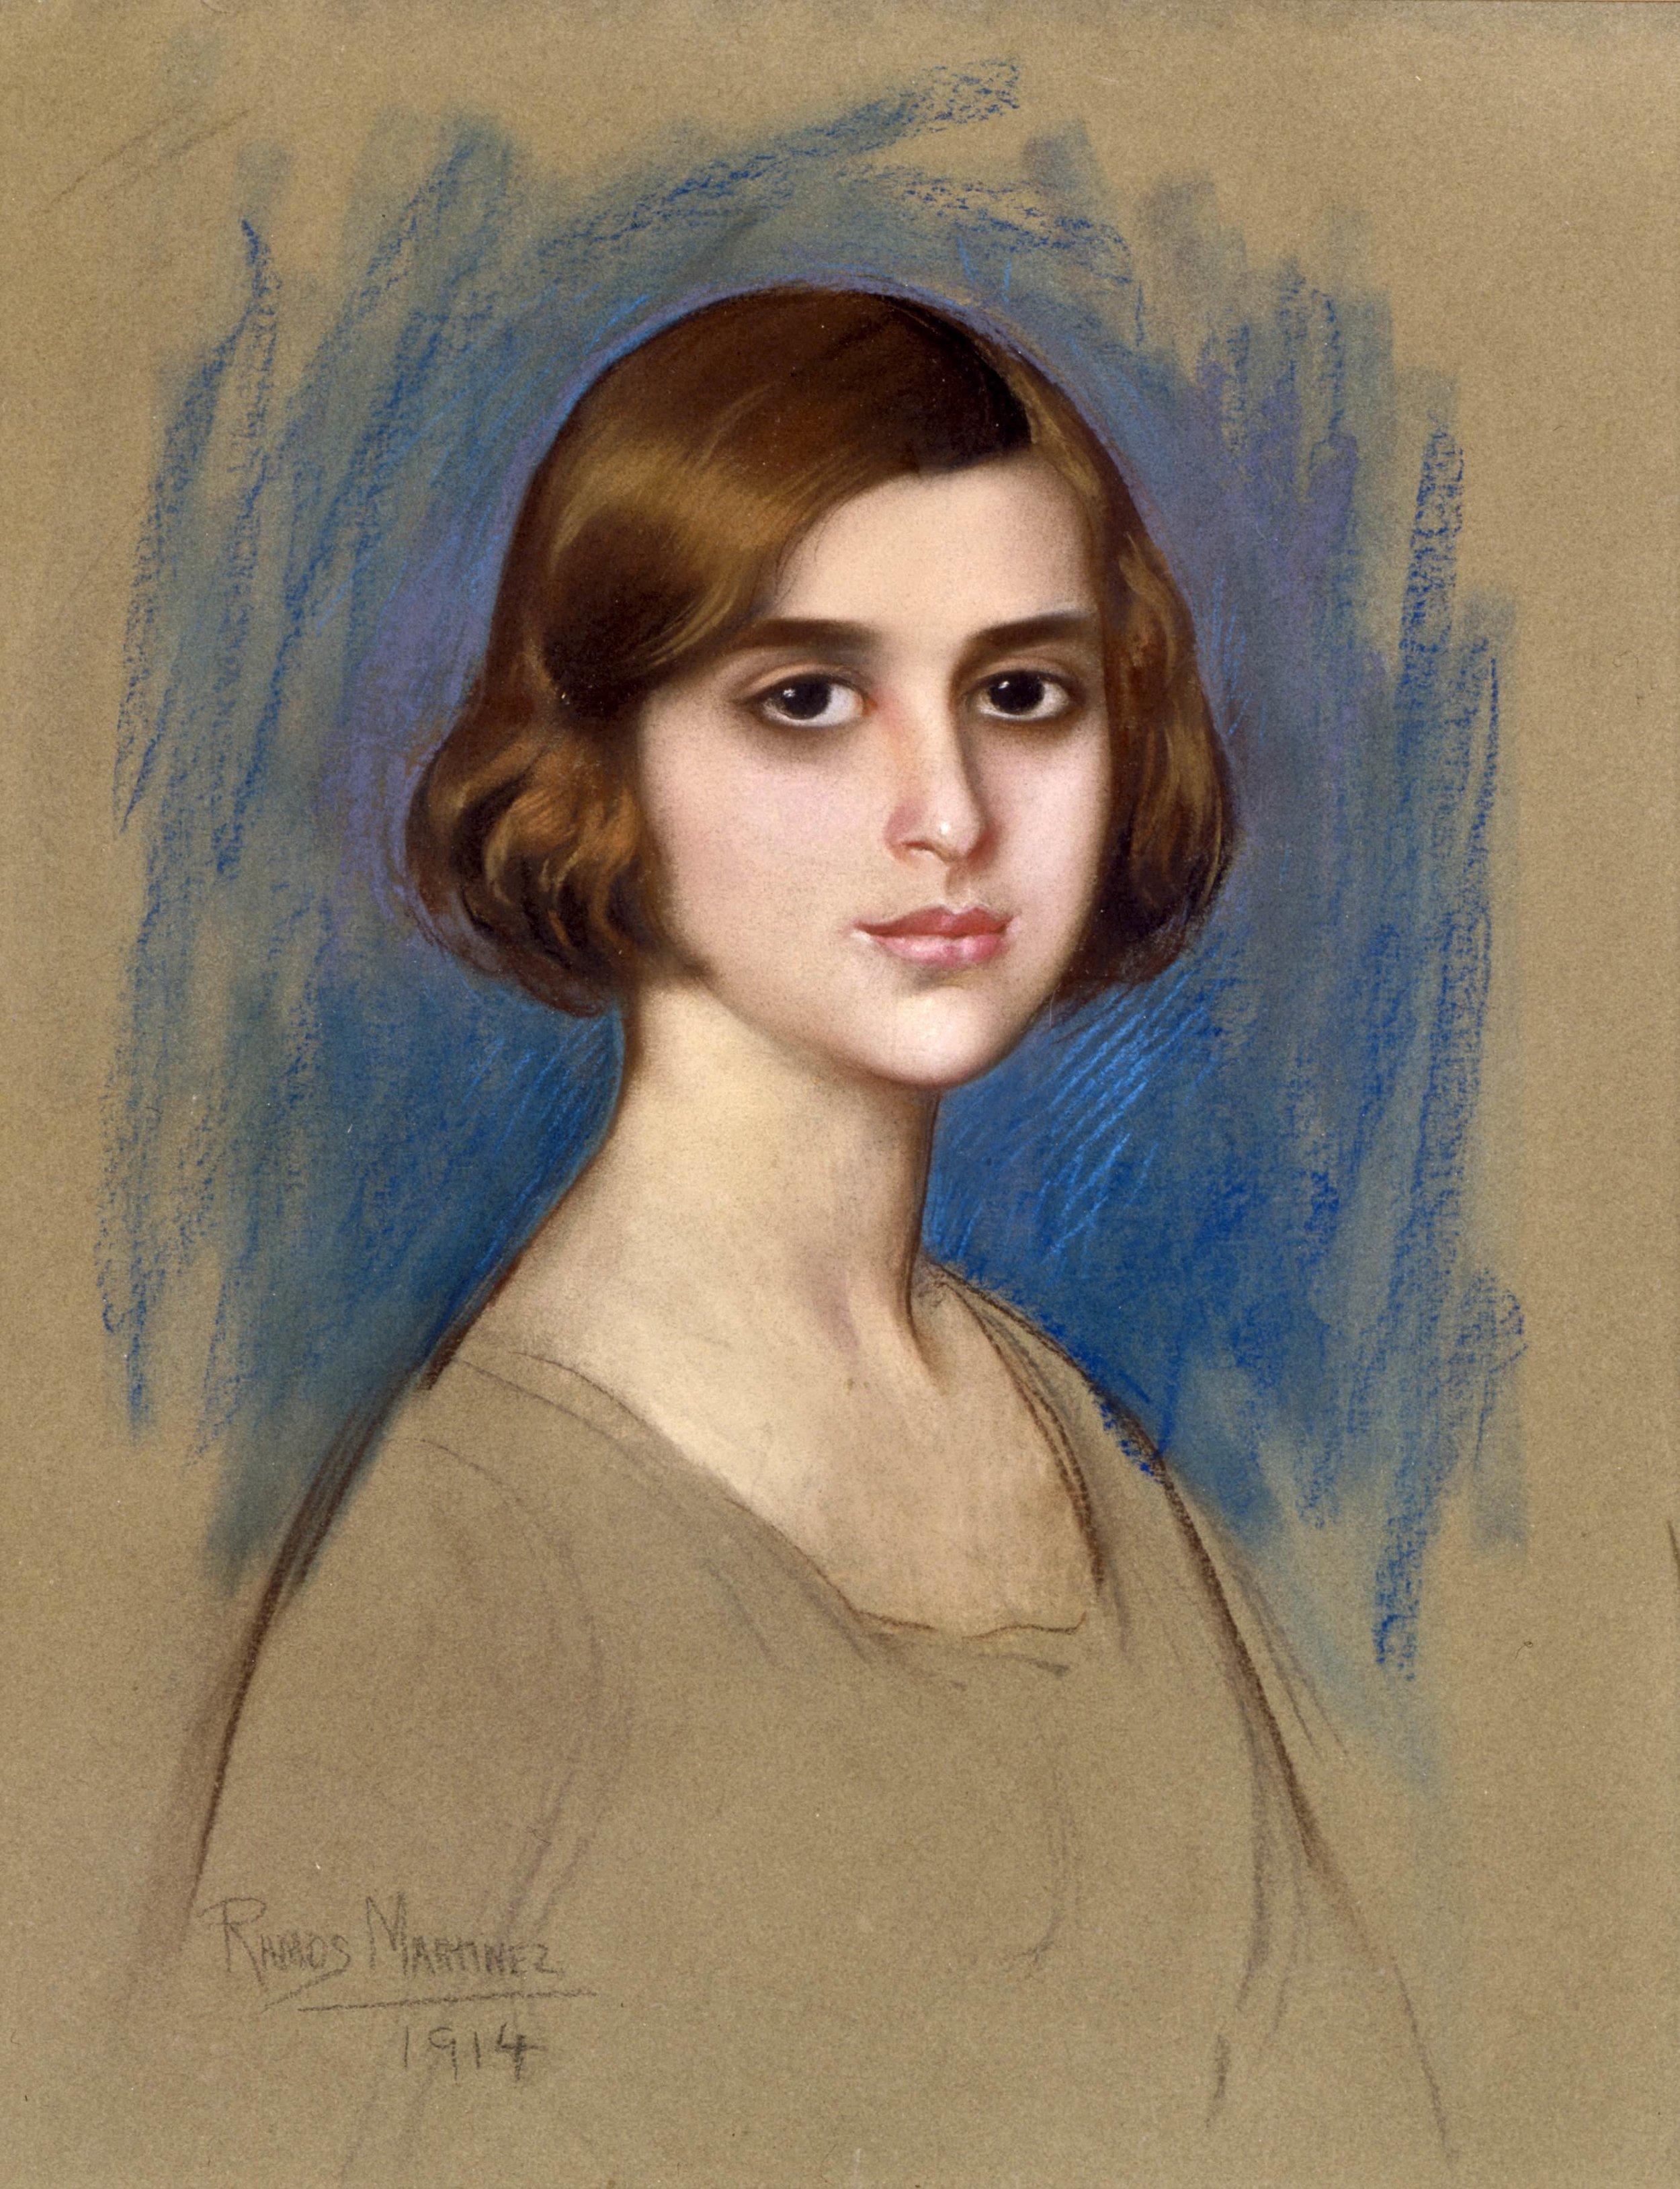 Retrato de una Dama (Portrait of a Lady)  1914 pastel on cardboard /pintura al pastel sobre papel cartón 25.2 x 19.3 inches / 64 x 48.9 centímetros Private collection